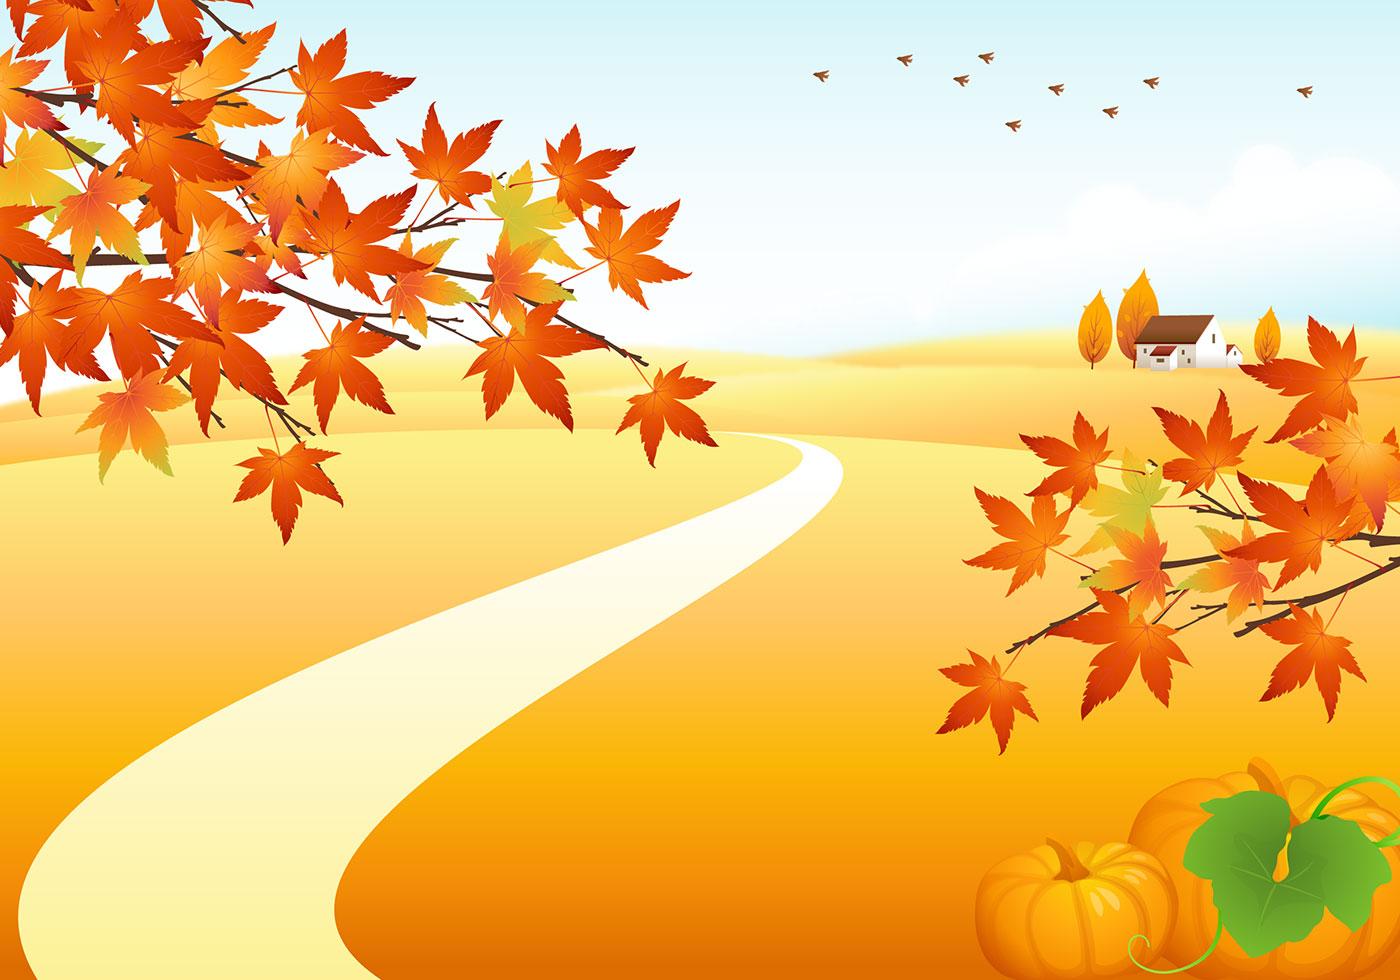 Autumn Landscape Vector Background - Download Free Vectors ...